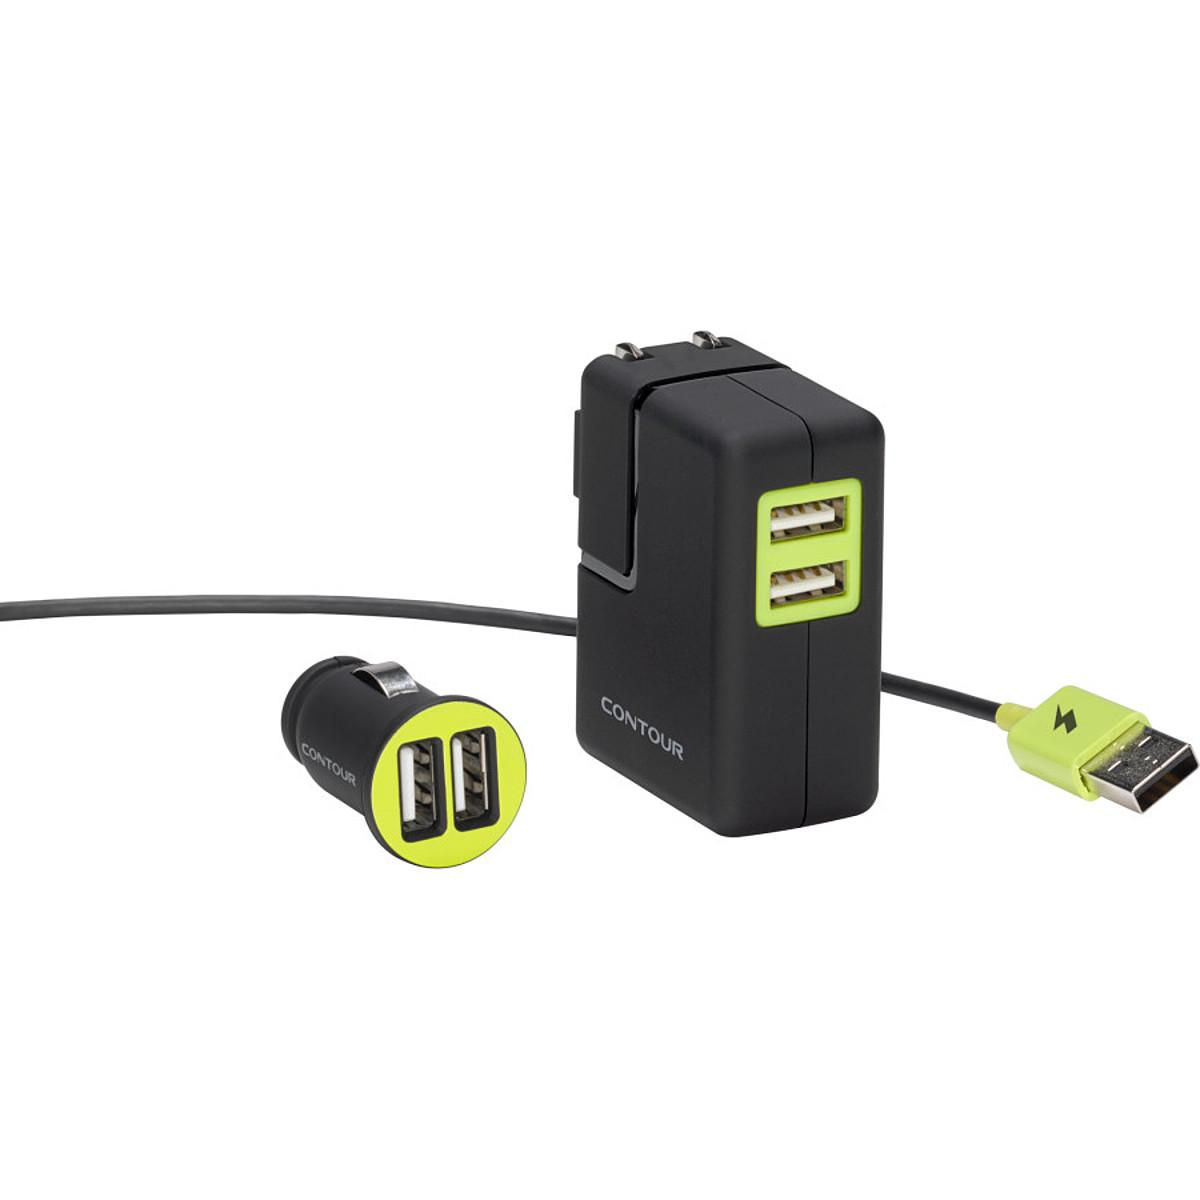 Contour Camera Charging Kit